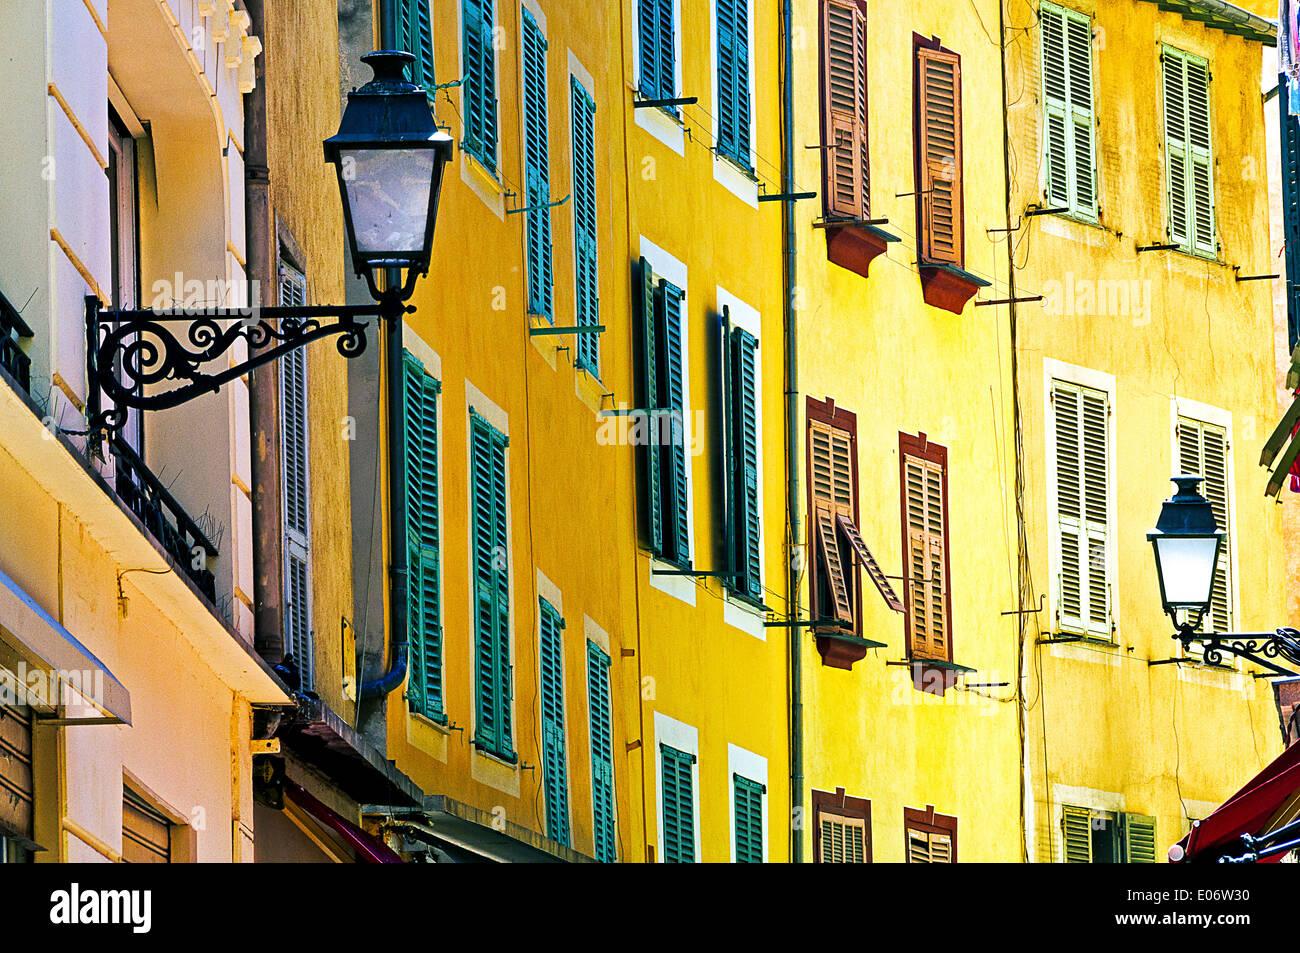 Europe, France, Alpes-Maritimes, Nice. La façade de couleur claire de la vieille ville. Photo Stock